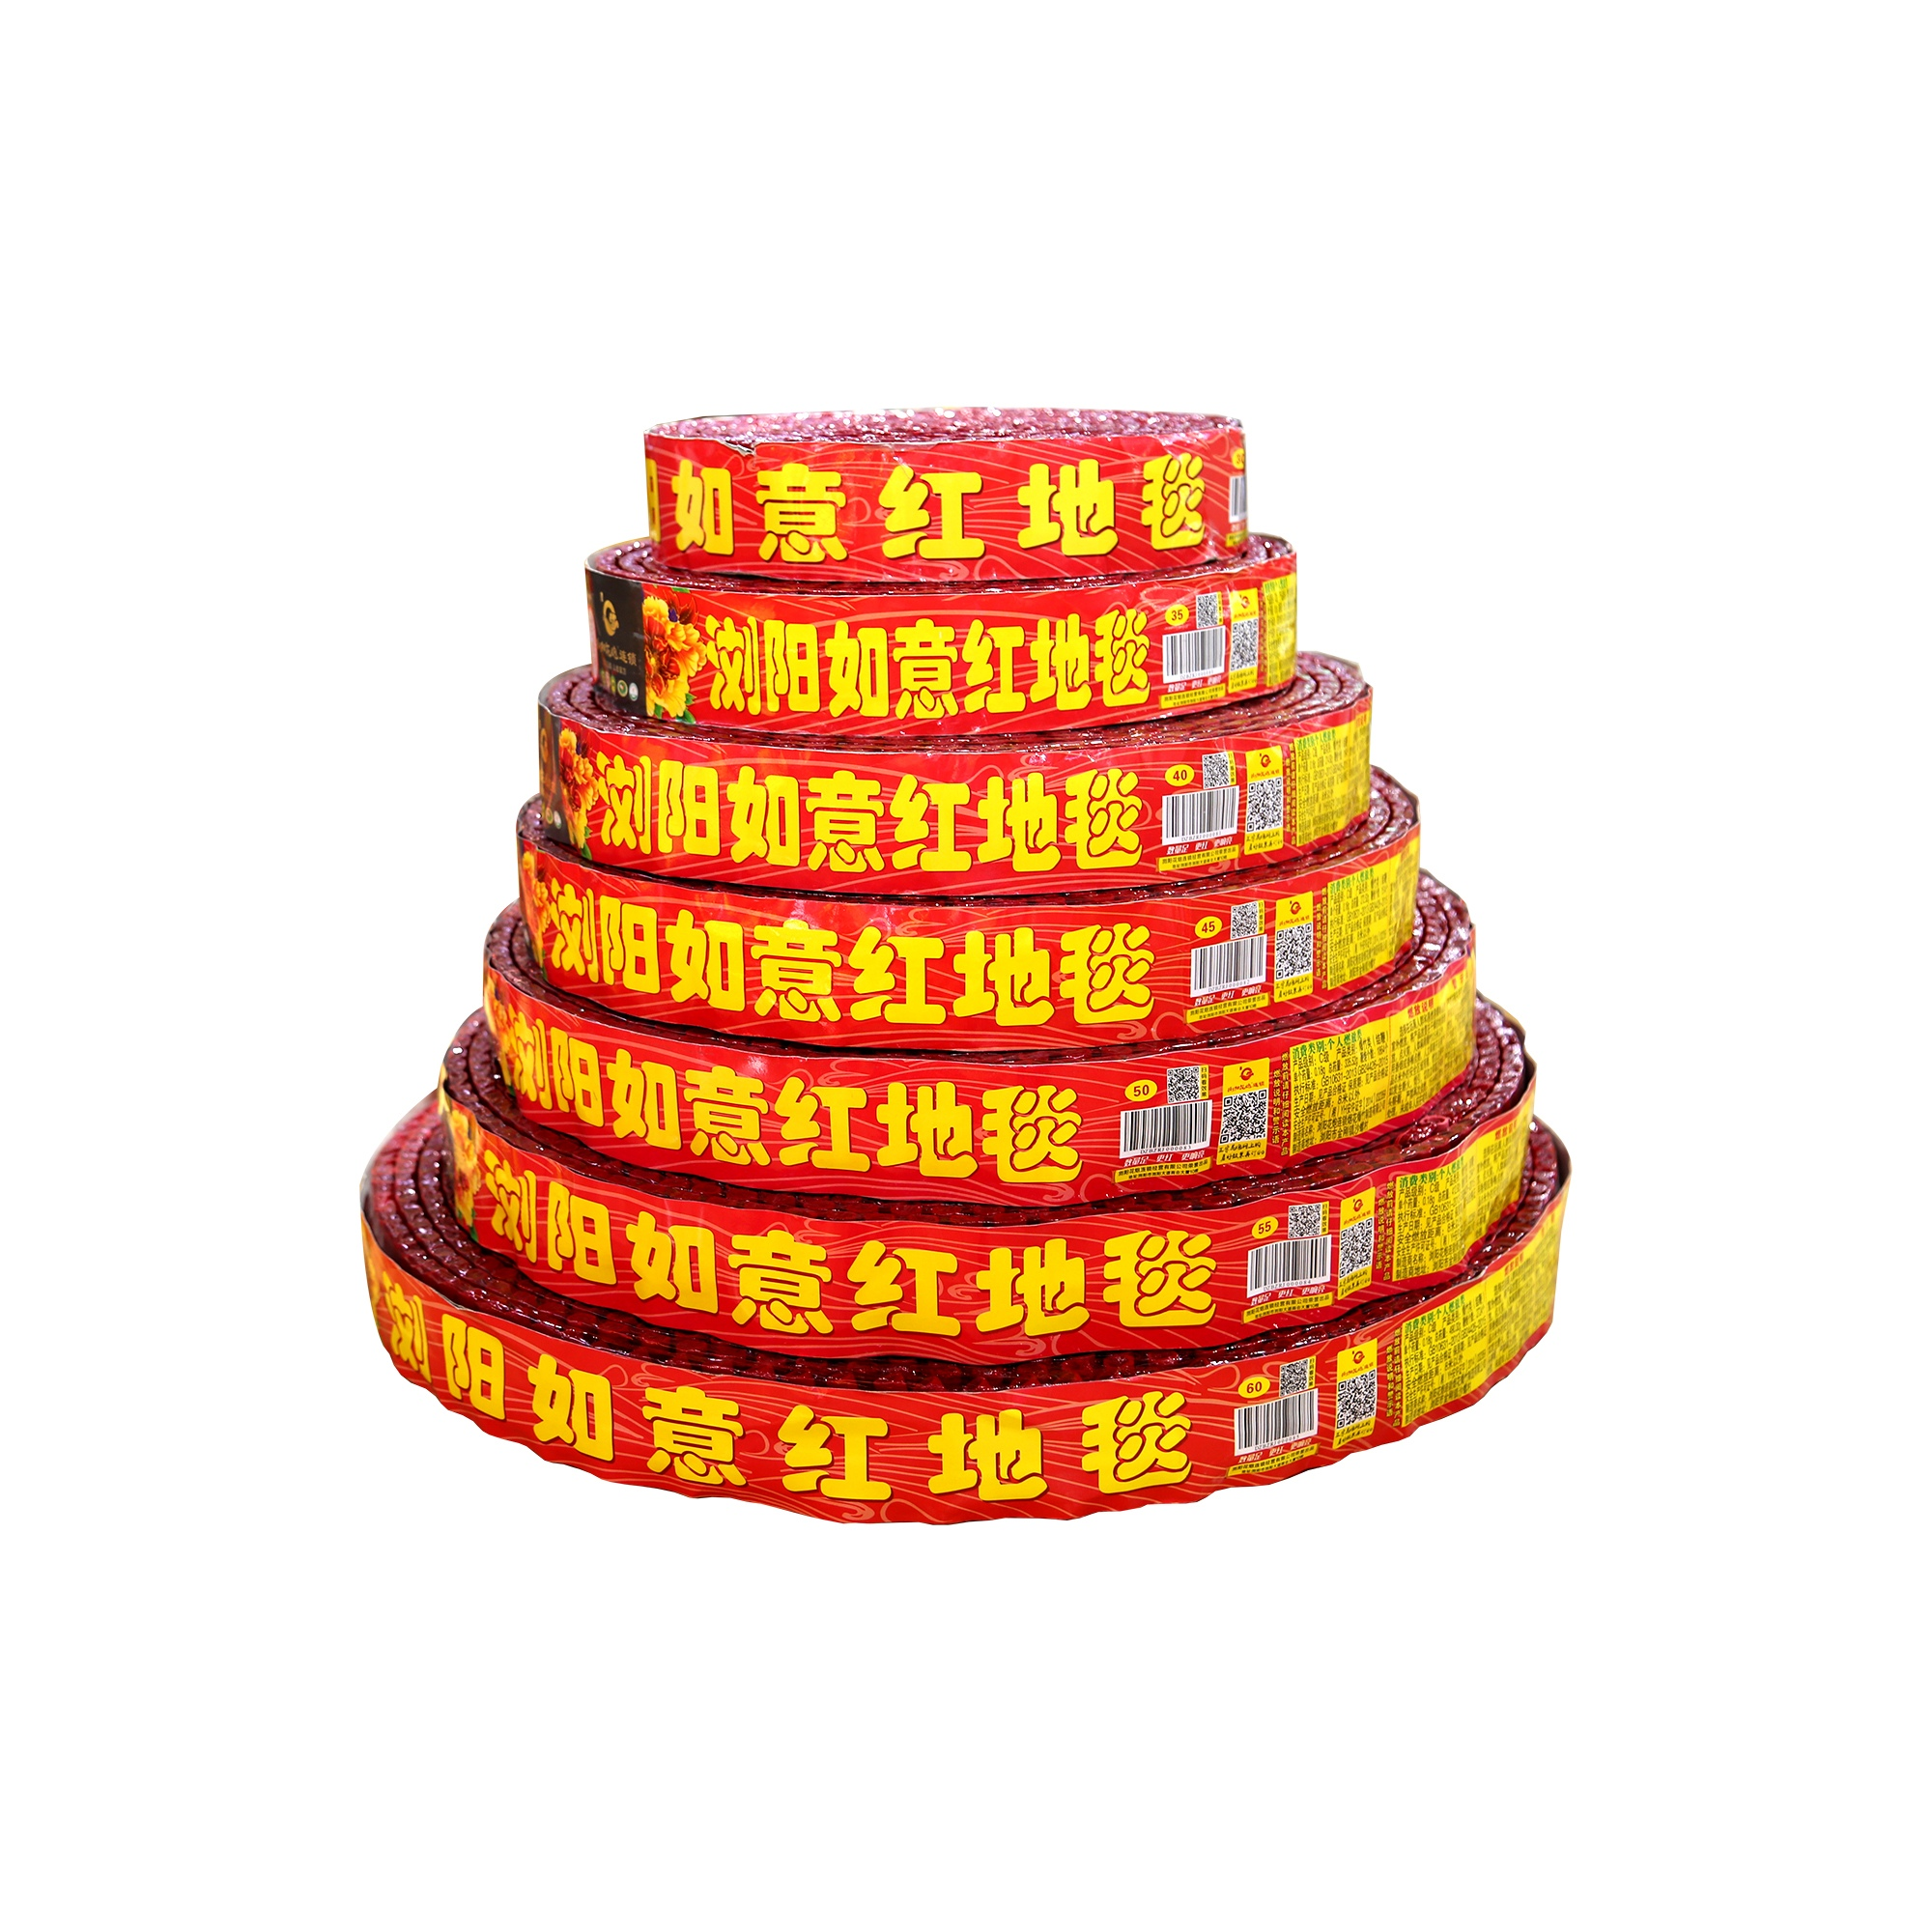 浏阳如意红地毯30/35/40/45/50/55/60/70/80/90cm